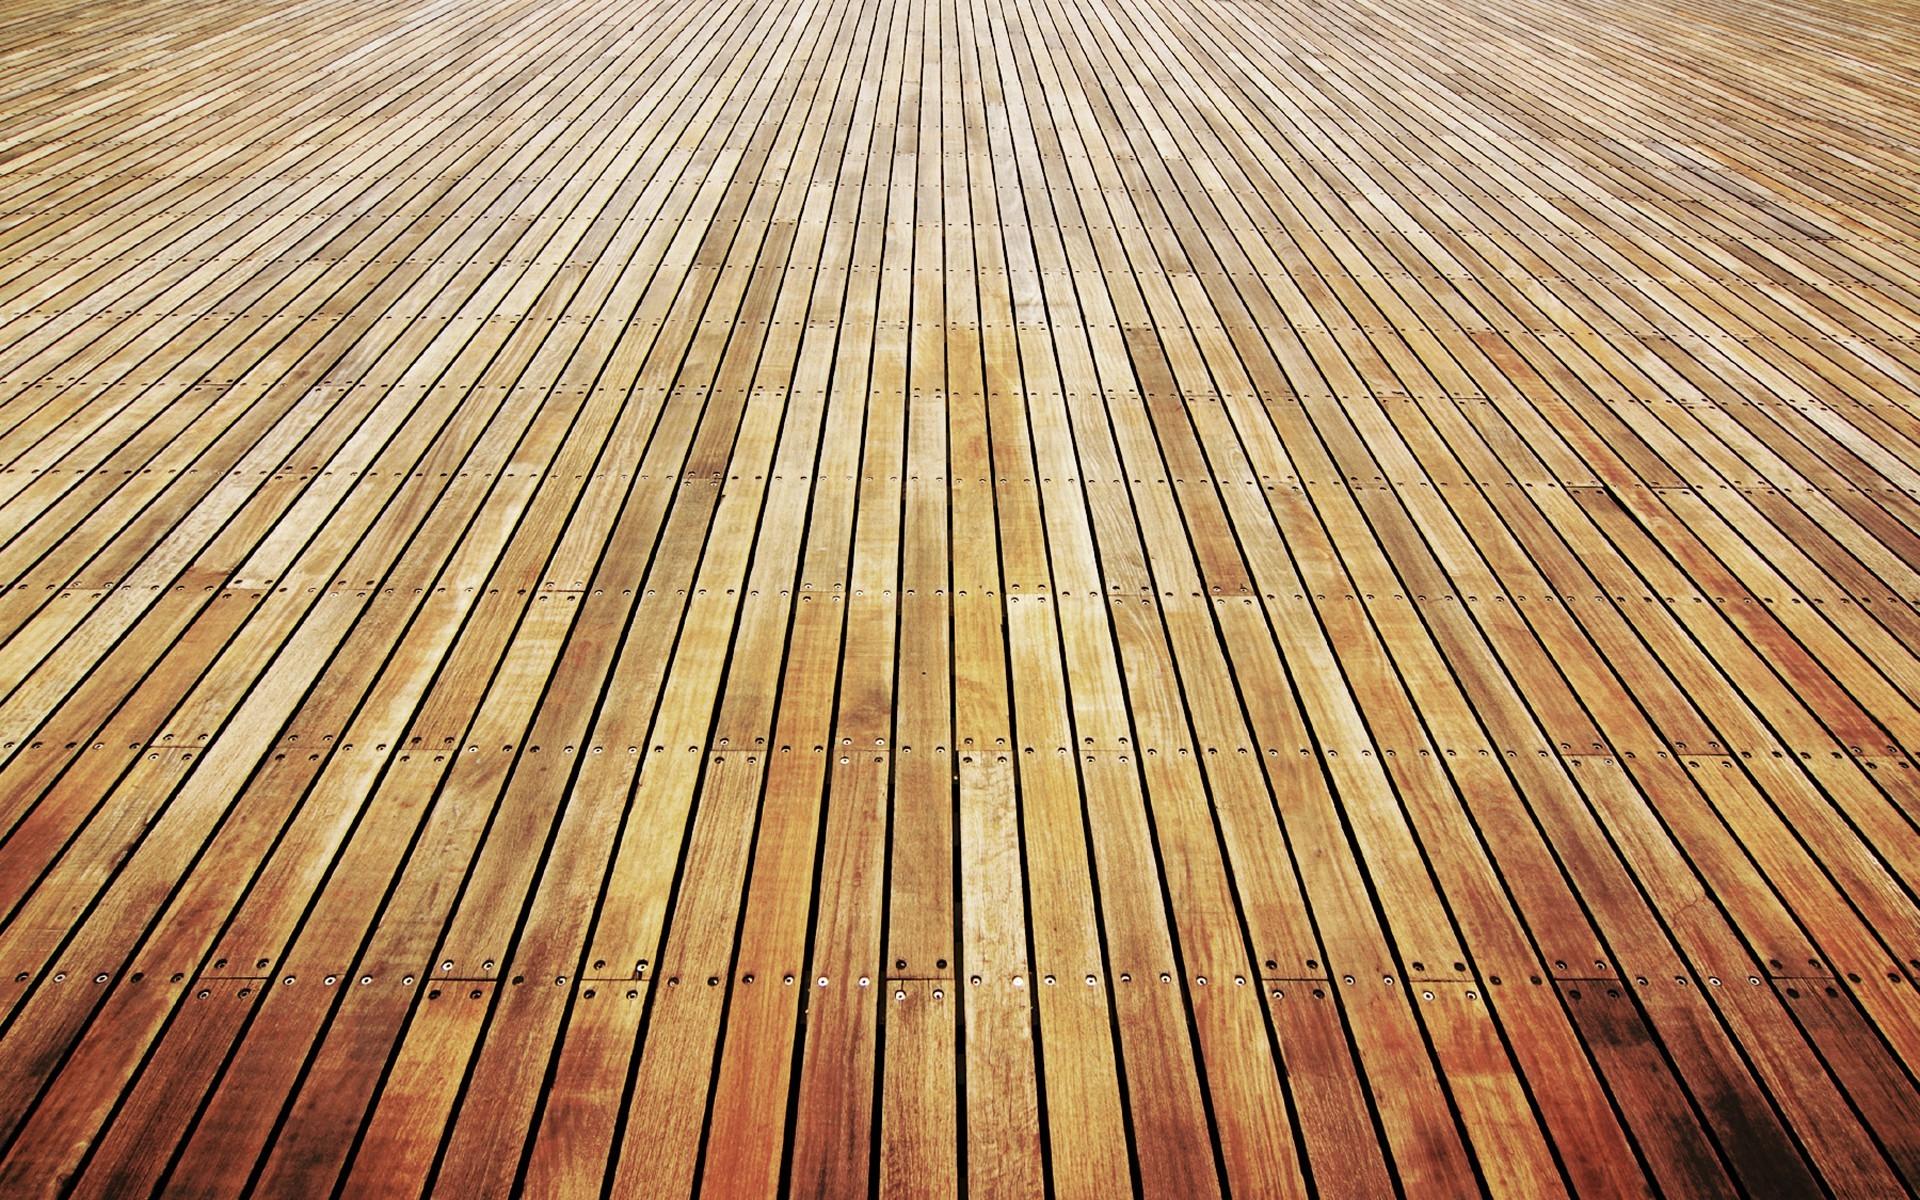 holzoberflche feld holz nahansicht symmetrie textur bambus bauholz stock linie hartholz 1920x1200 px auenstruktur grasfamilie bodenbelag - Hartholz Oder Laminatboden